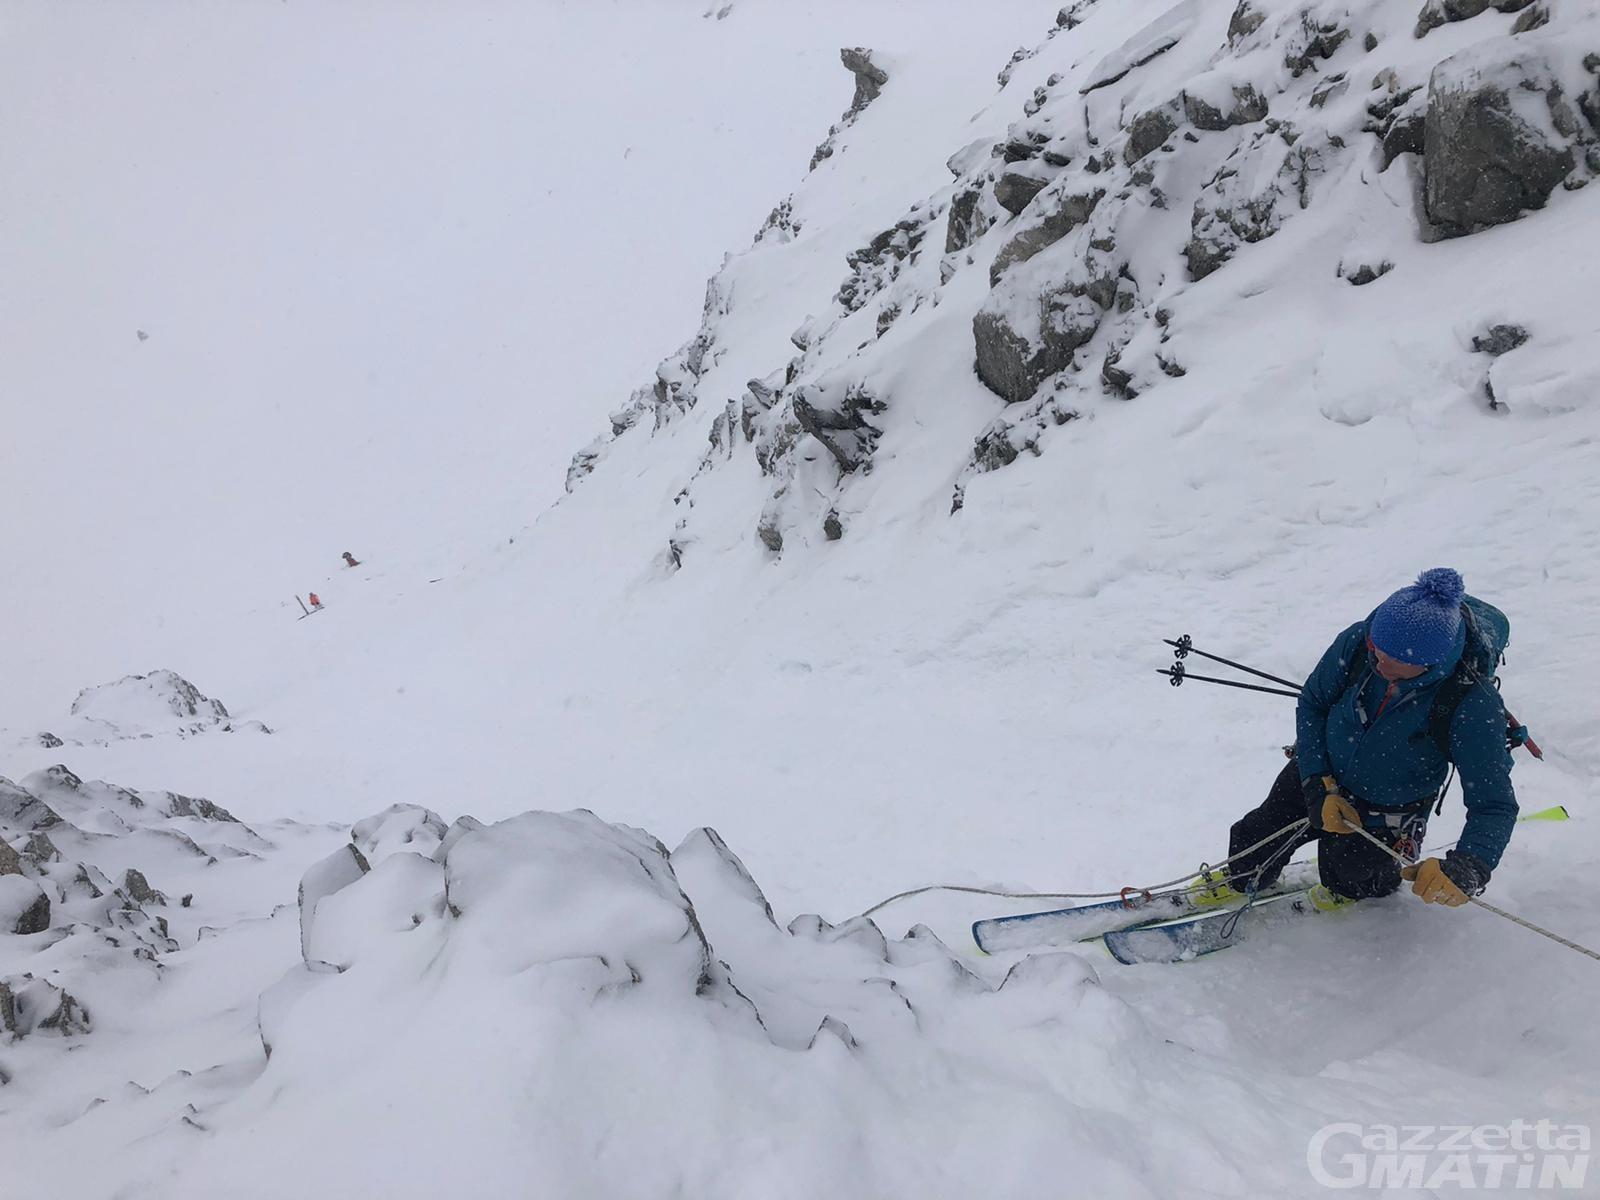 Alpinismo: tre francesi bloccati sul Monte Bianco salvati da Sav e Finanza